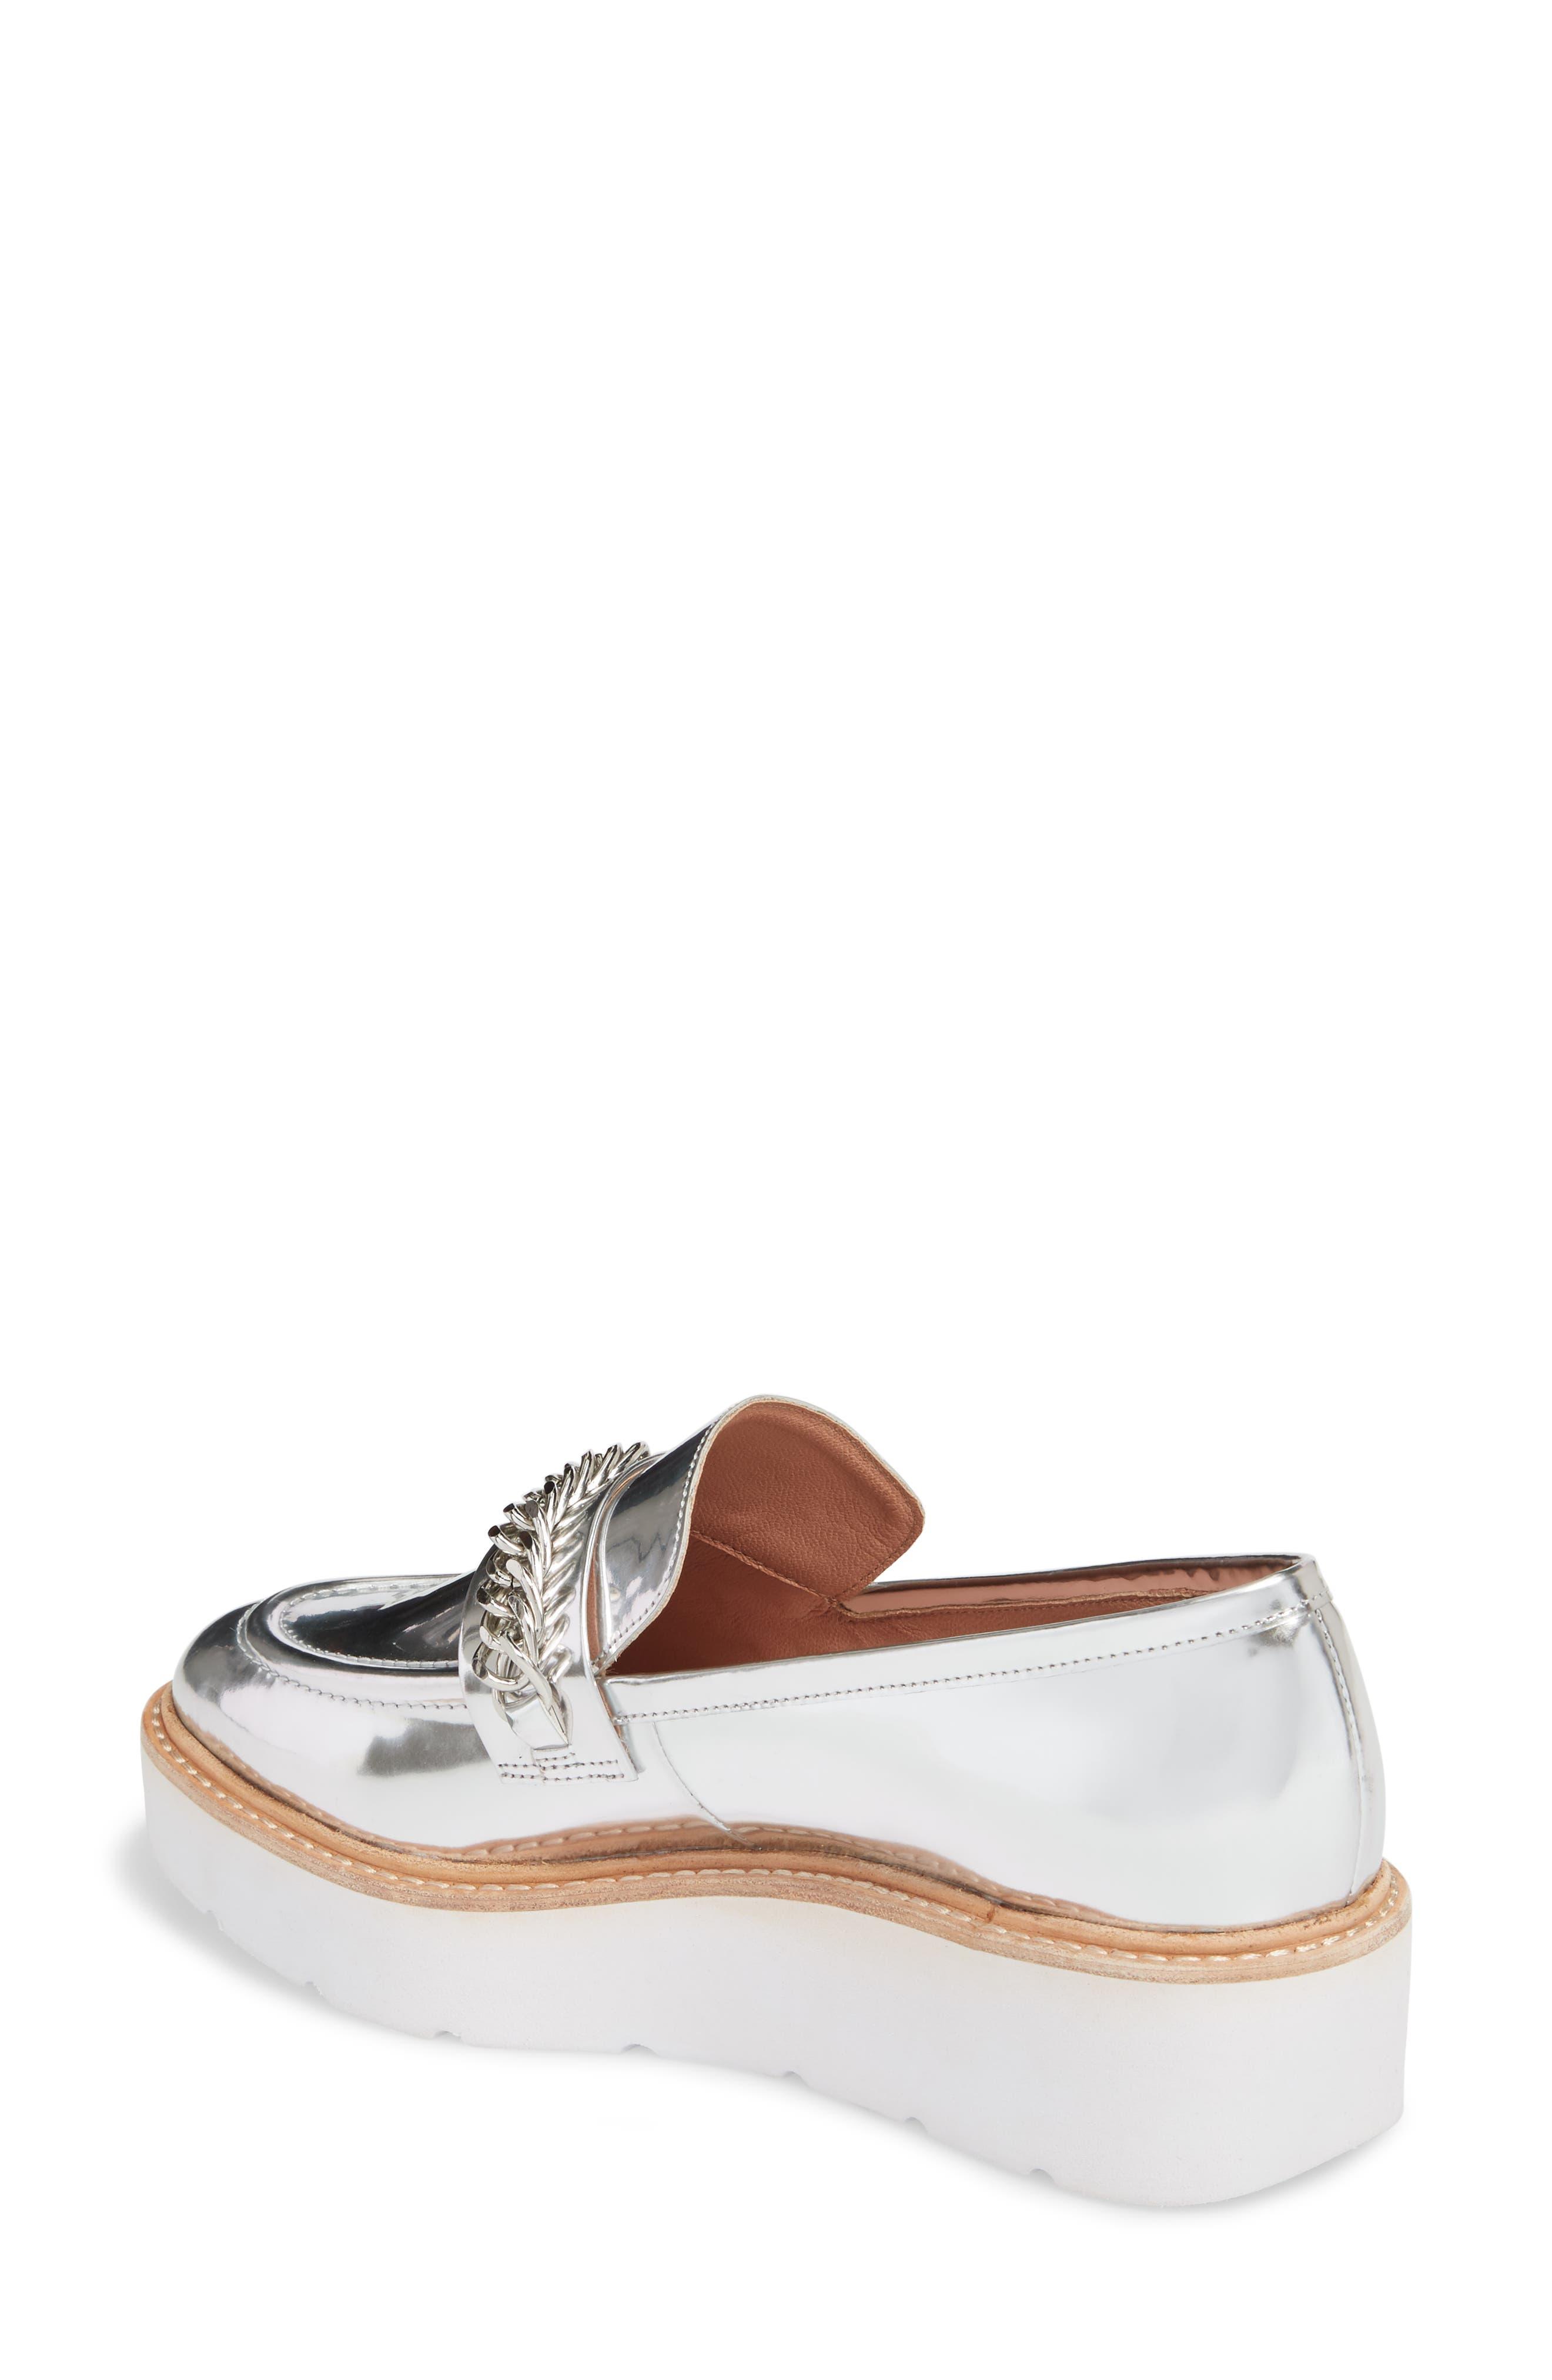 Jacki Platform Loafer,                             Alternate thumbnail 2, color,                             Silver Leather